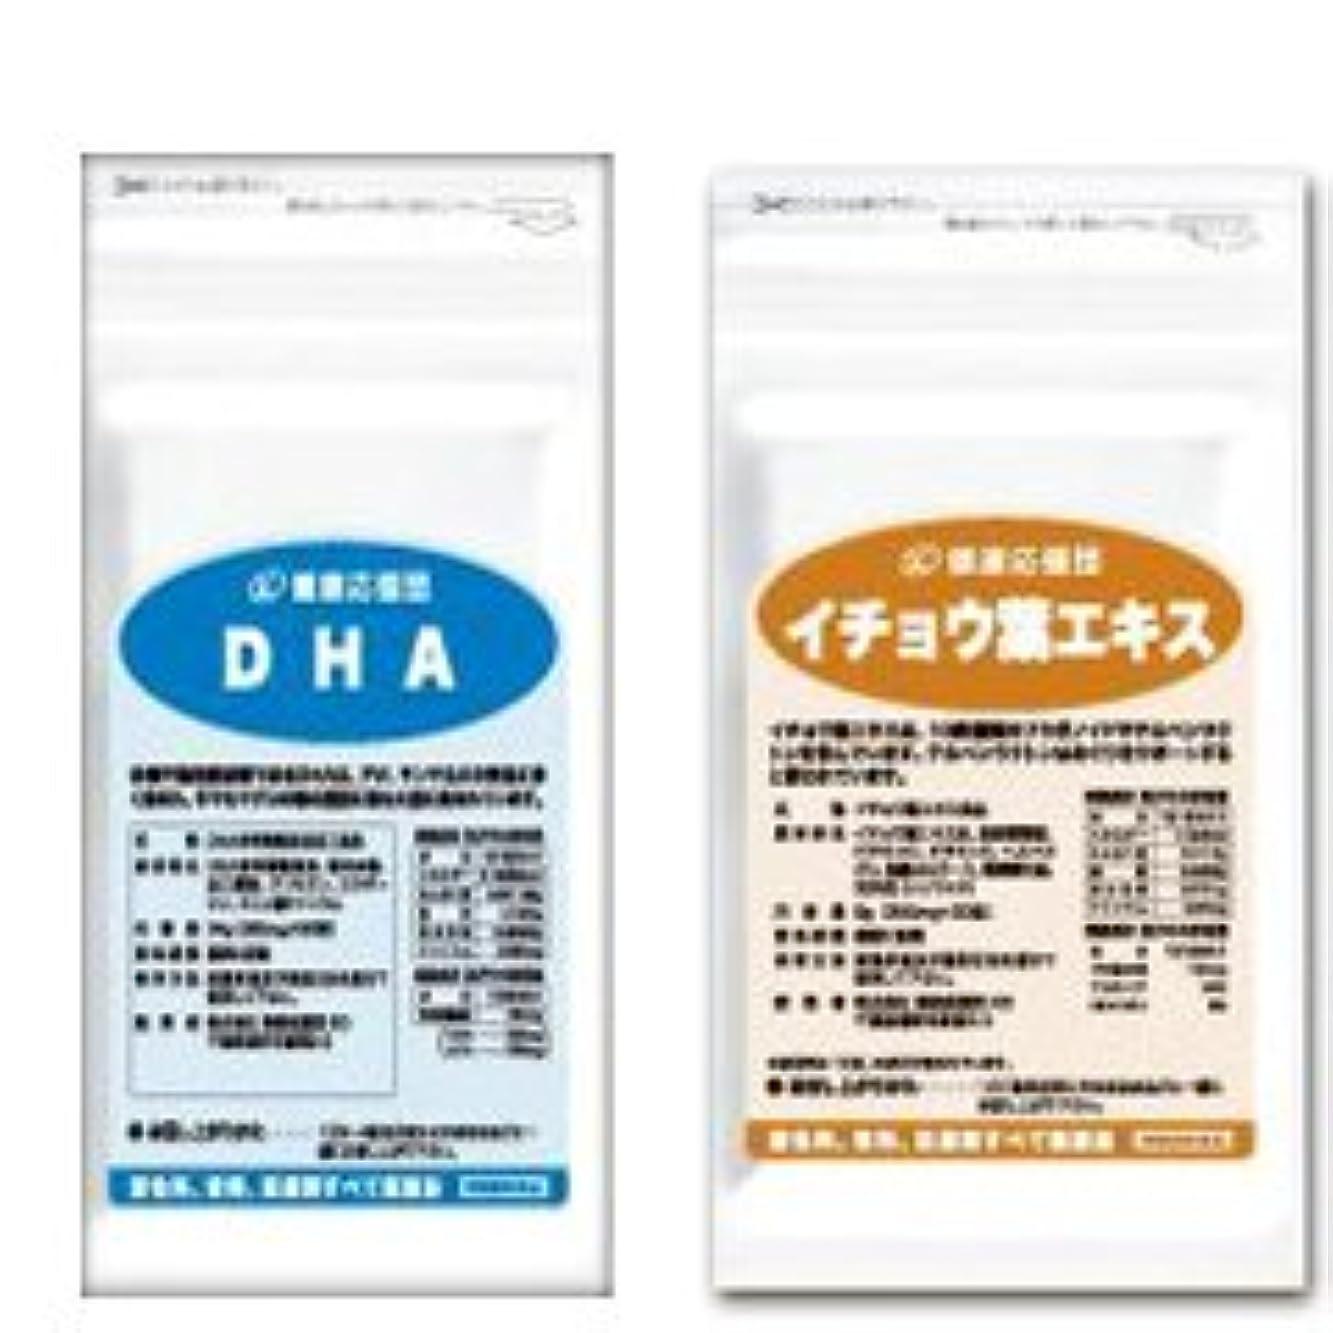 スカーフ奇妙な雪の(お徳用3か月分)サラサラ巡りセット DHA + イチョウ葉エキス 3袋&3袋セット(DHA?EPA?イチョウ葉?ビタミンC?ビタミンE?ビタミンP配合)